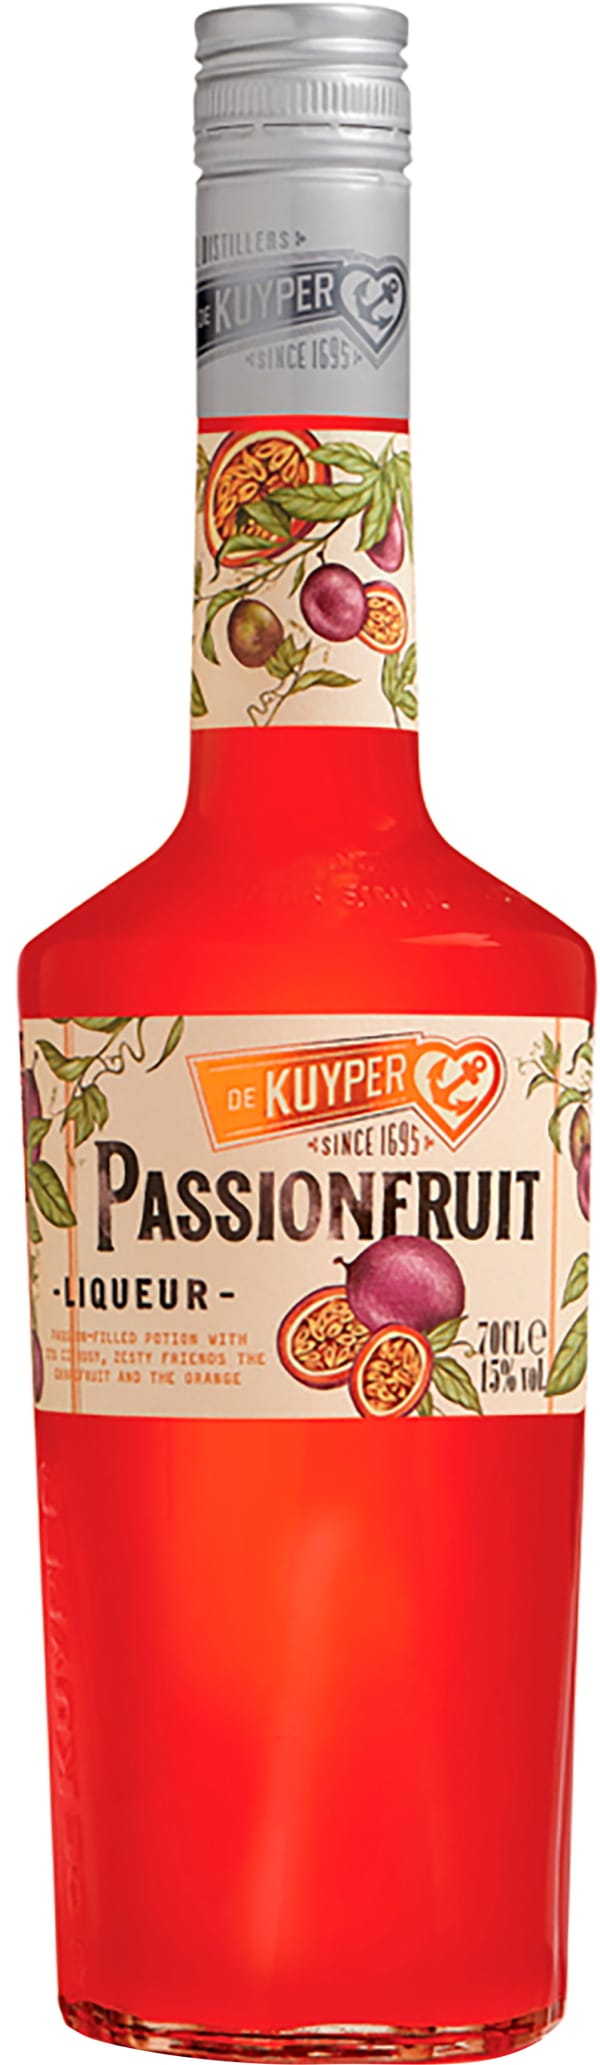 De Kuyper Passion Fruit